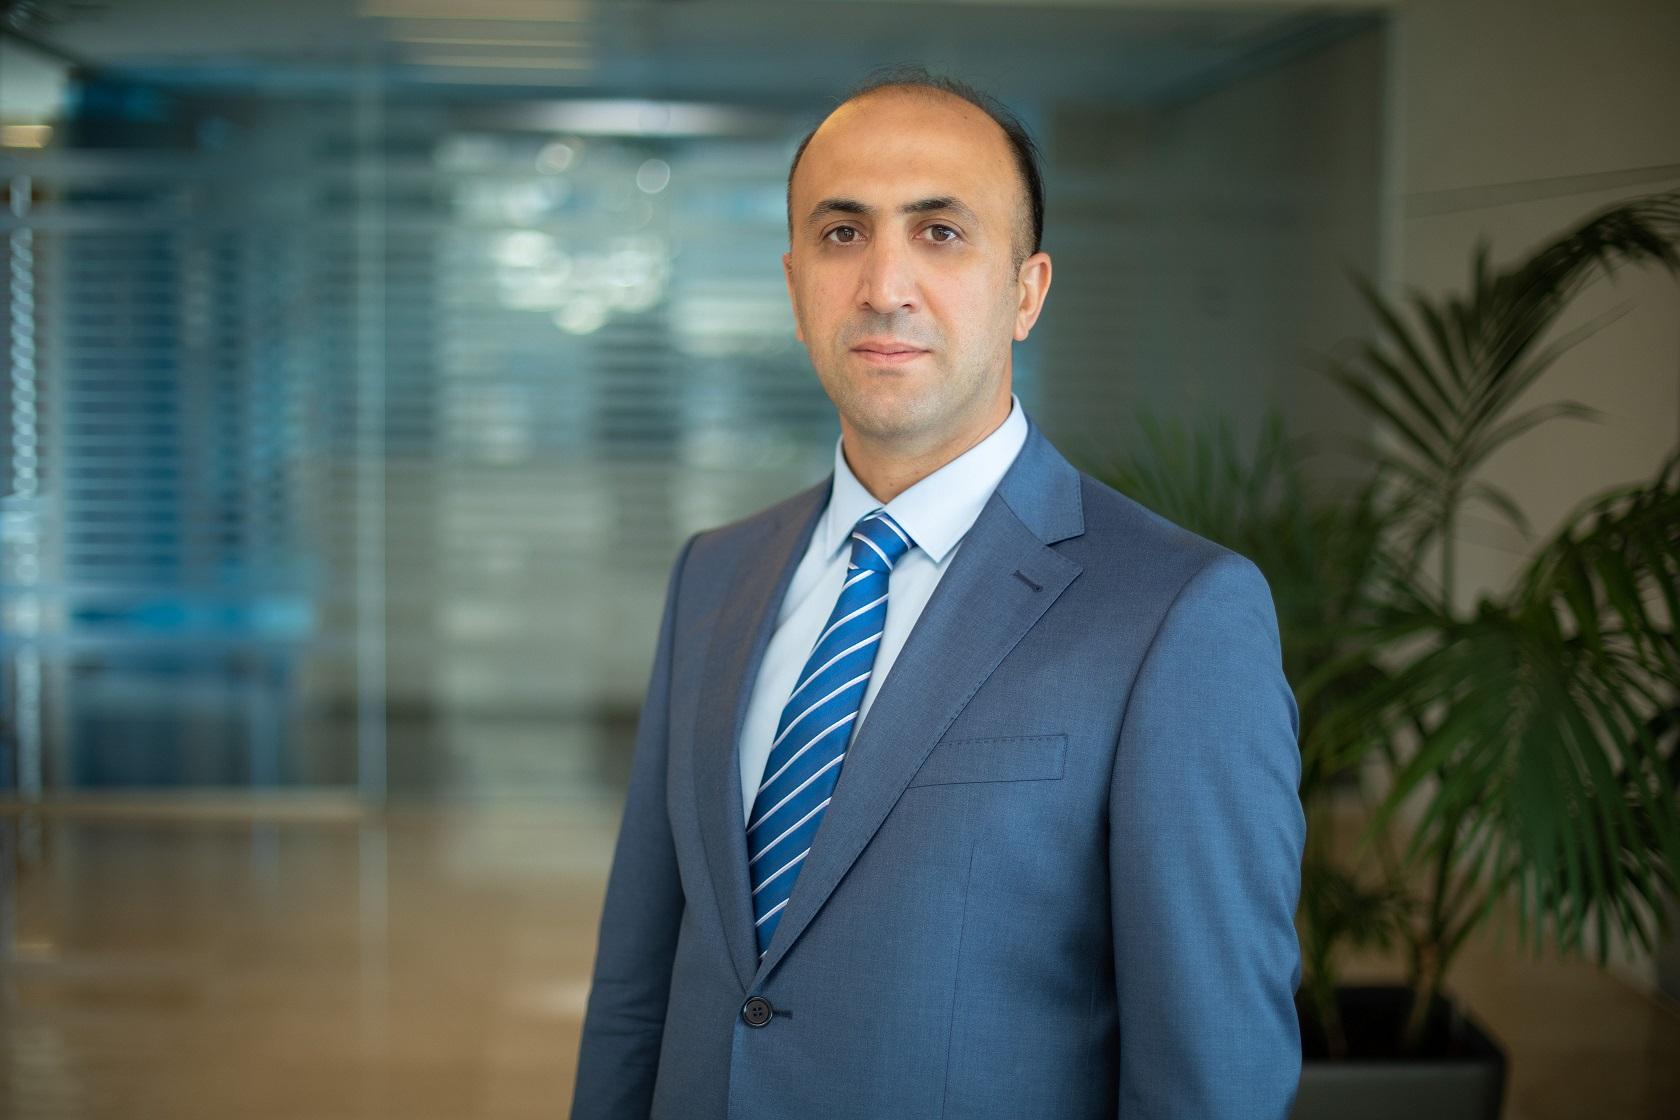 Талех Таирли: «Мы уверенно претендуем на значительное увеличение доли удаленных продаж»